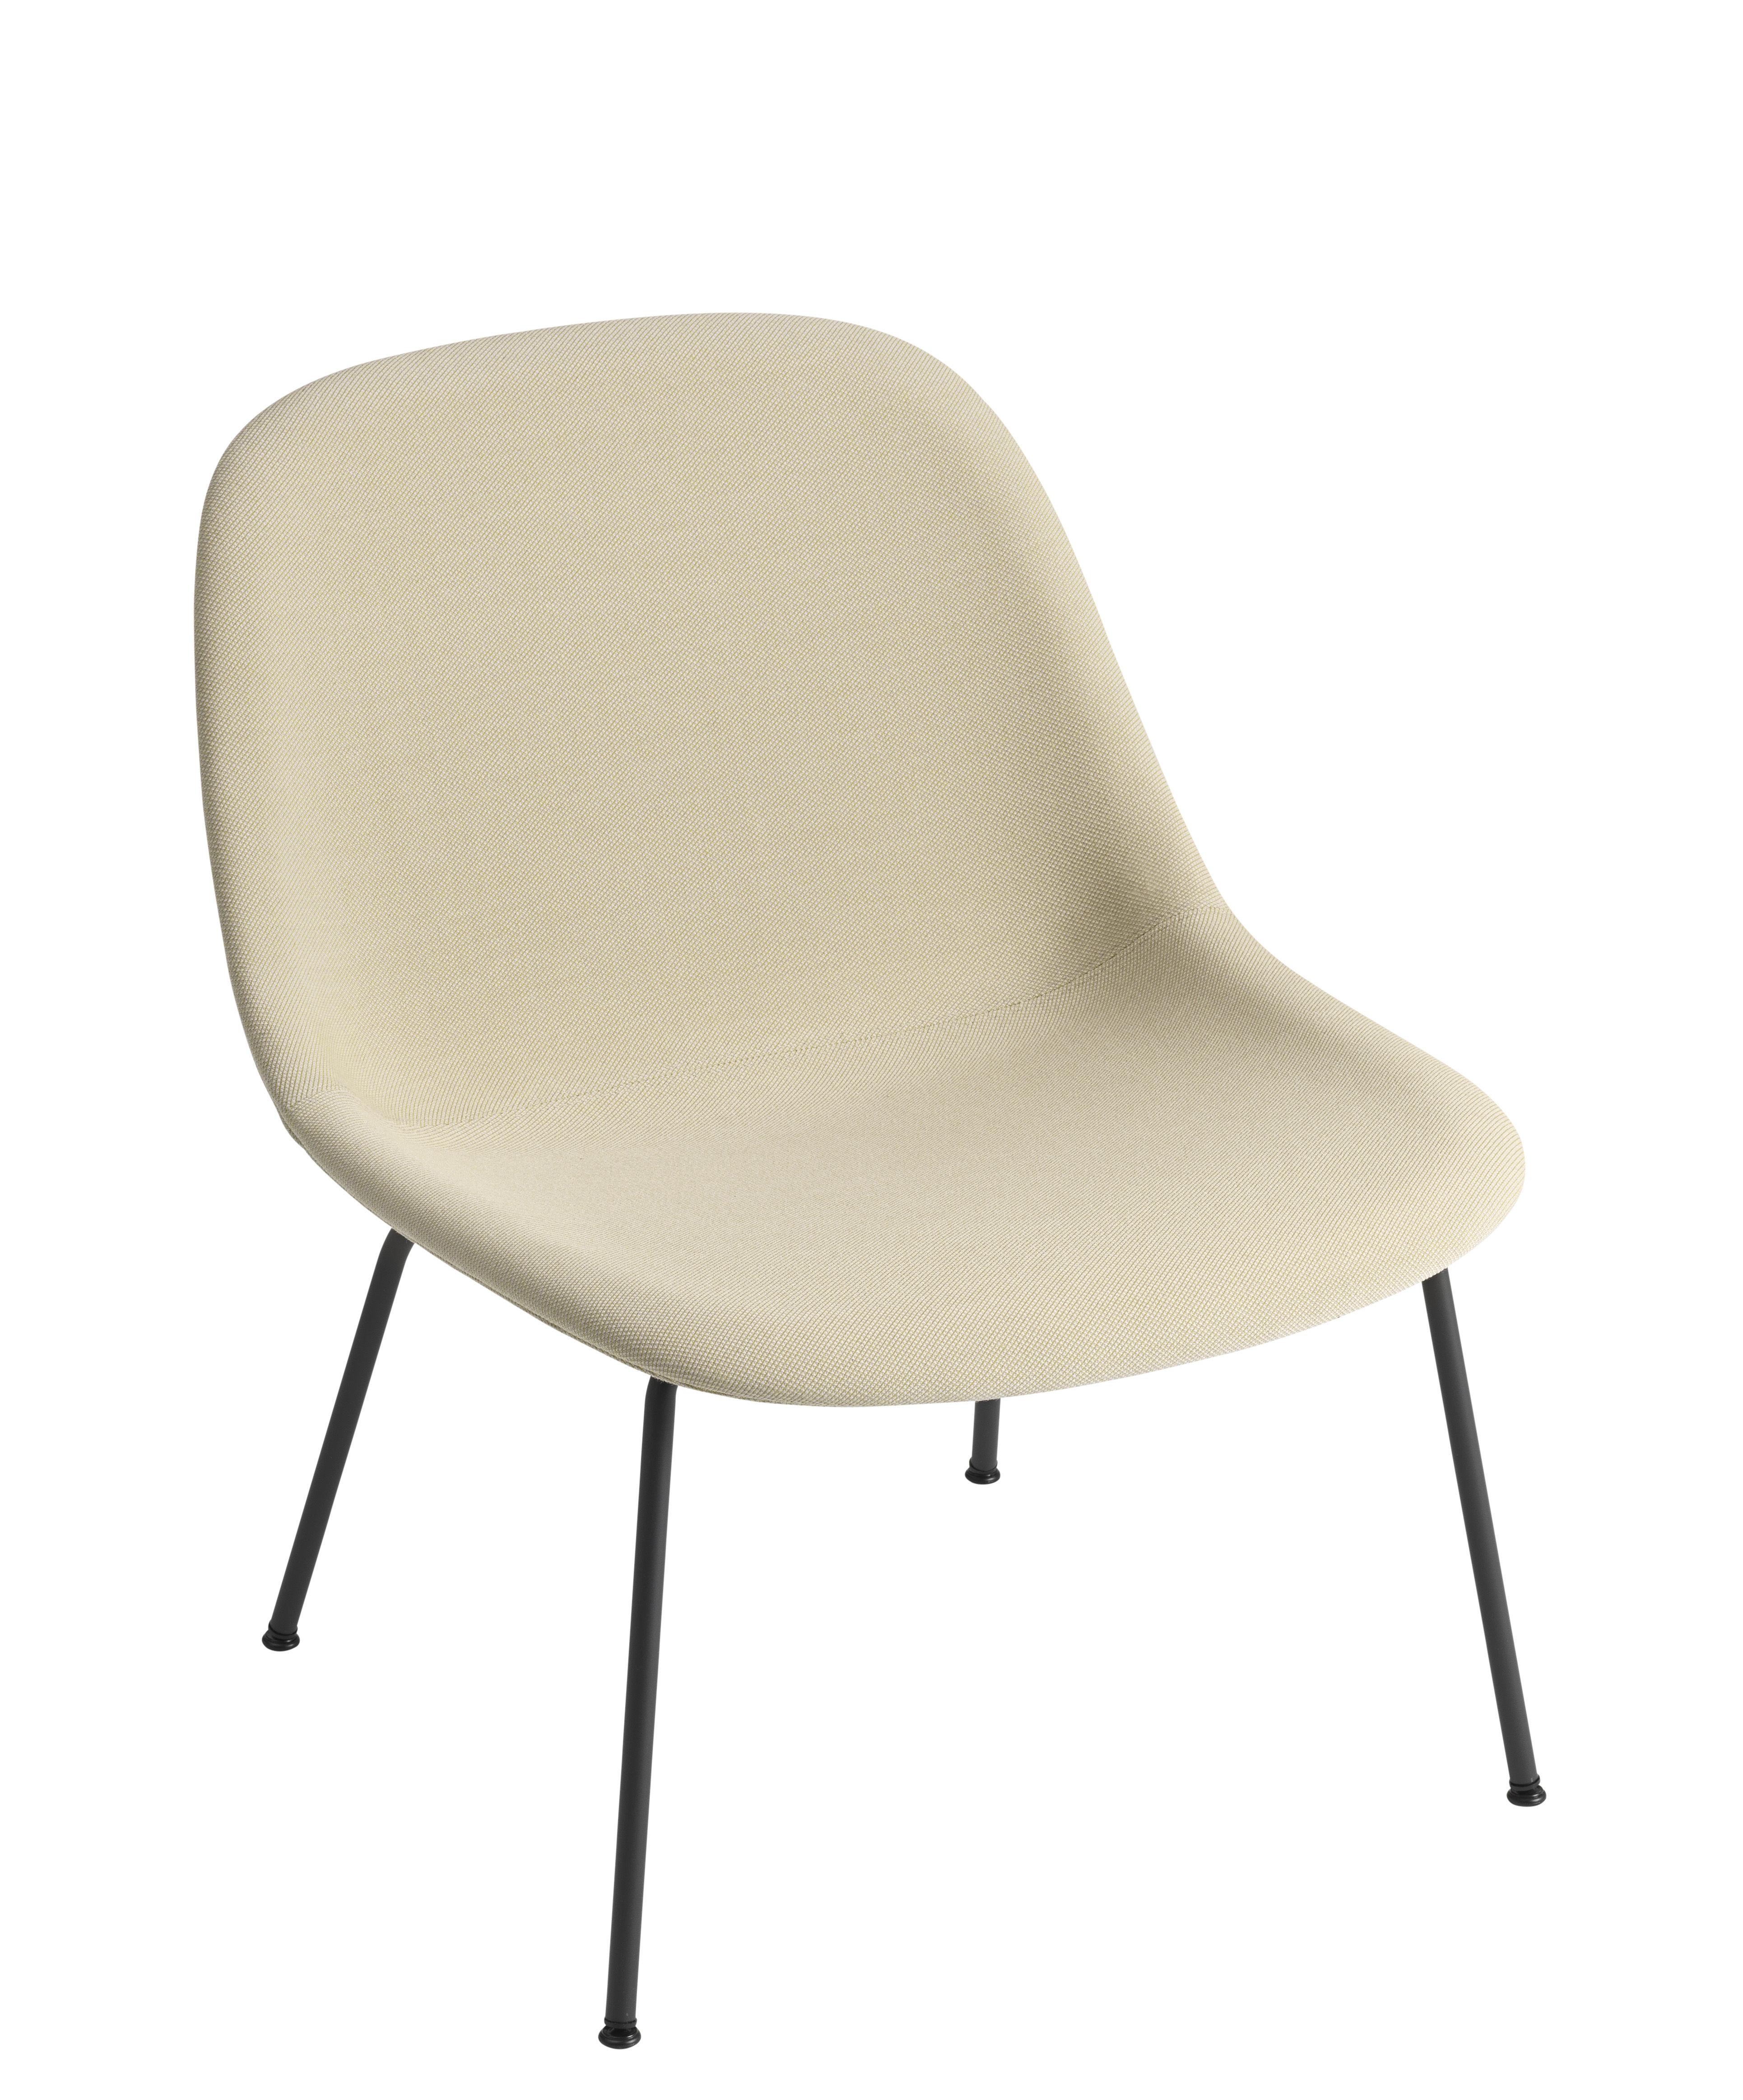 Mobilier - Fauteuils - Fauteuil bas Fiber Lounge / Rembourré - Pieds métal - Tissu intégral - Muuto - Beige / Pieds noirs - Acier, Matériau composite, Tissu